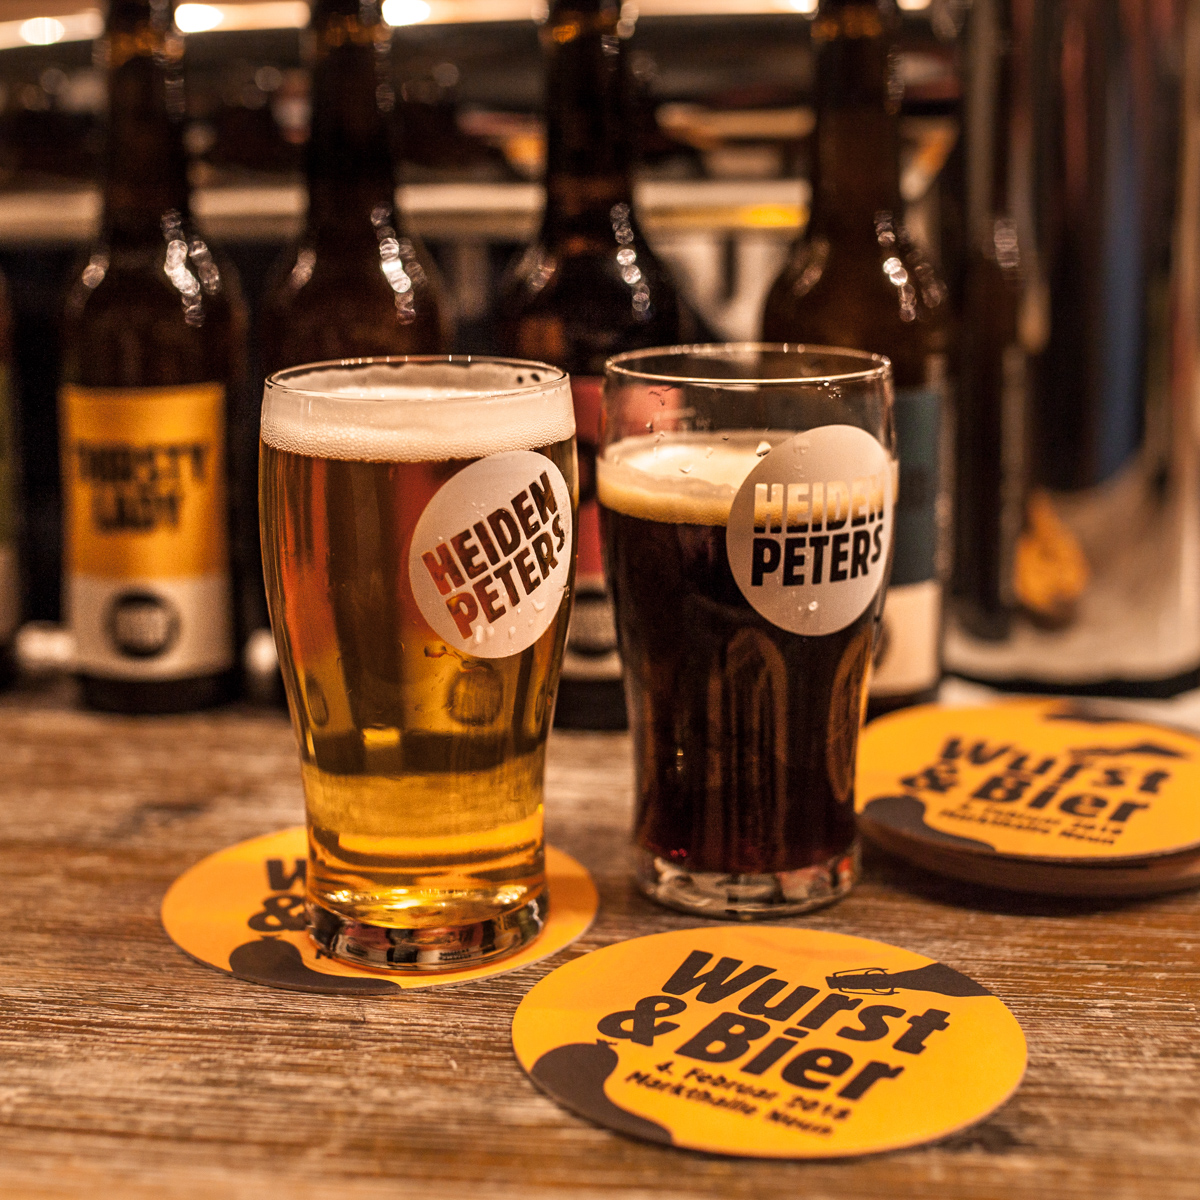 Heidenpeters Brauerei und Bar Markthalle Neun